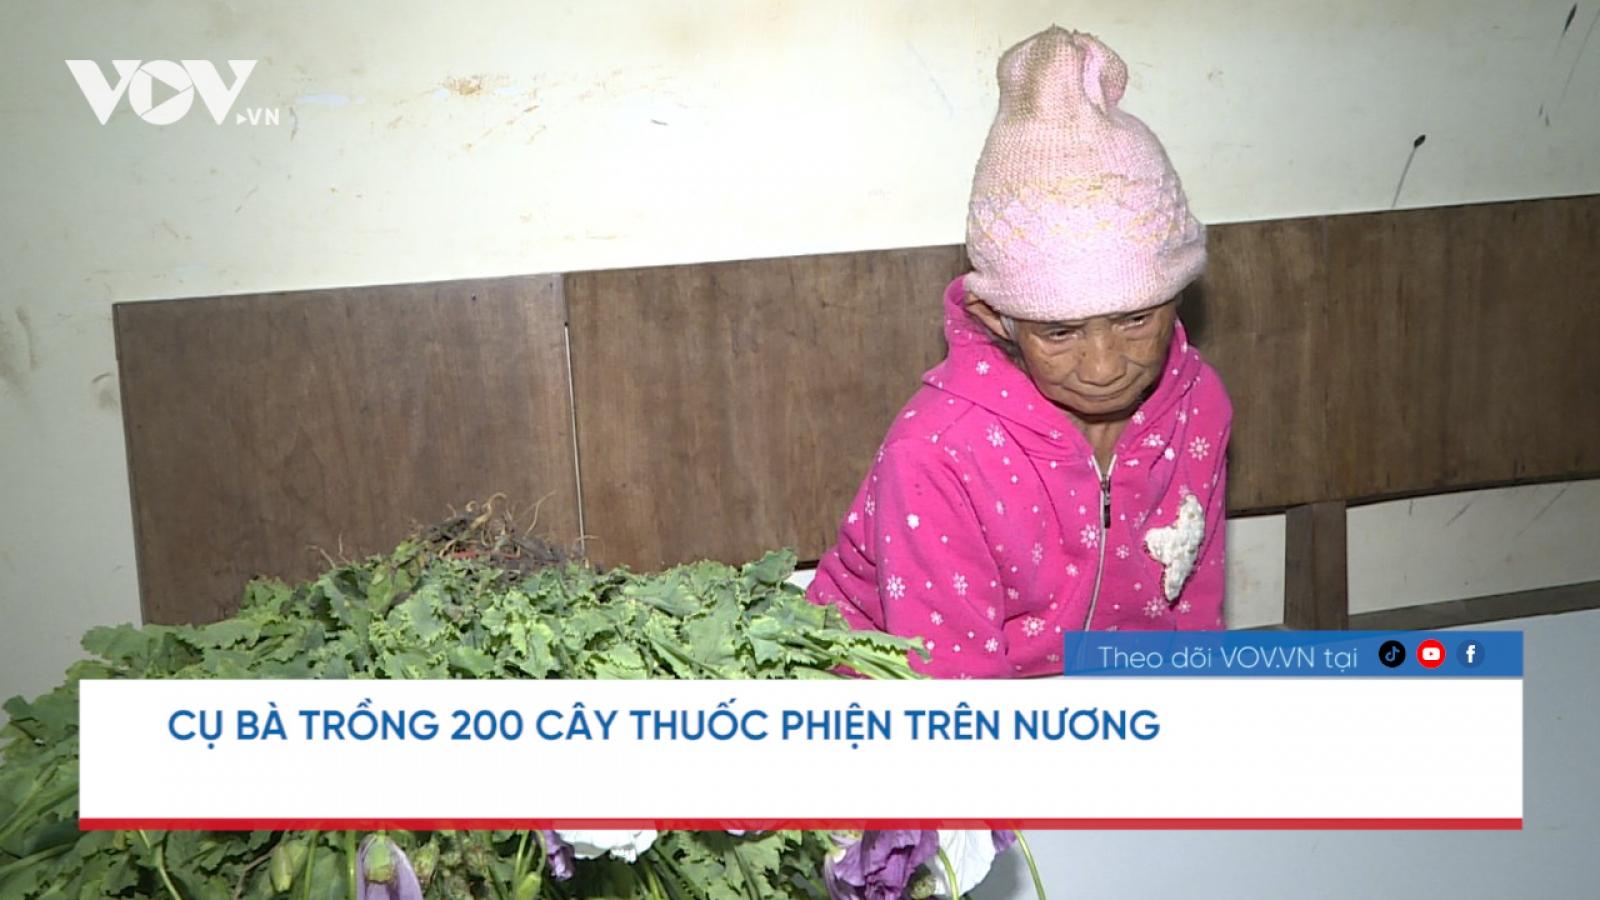 Nóng 24h: Cụ bà trồng 200 cây thuốc phiện trên nương